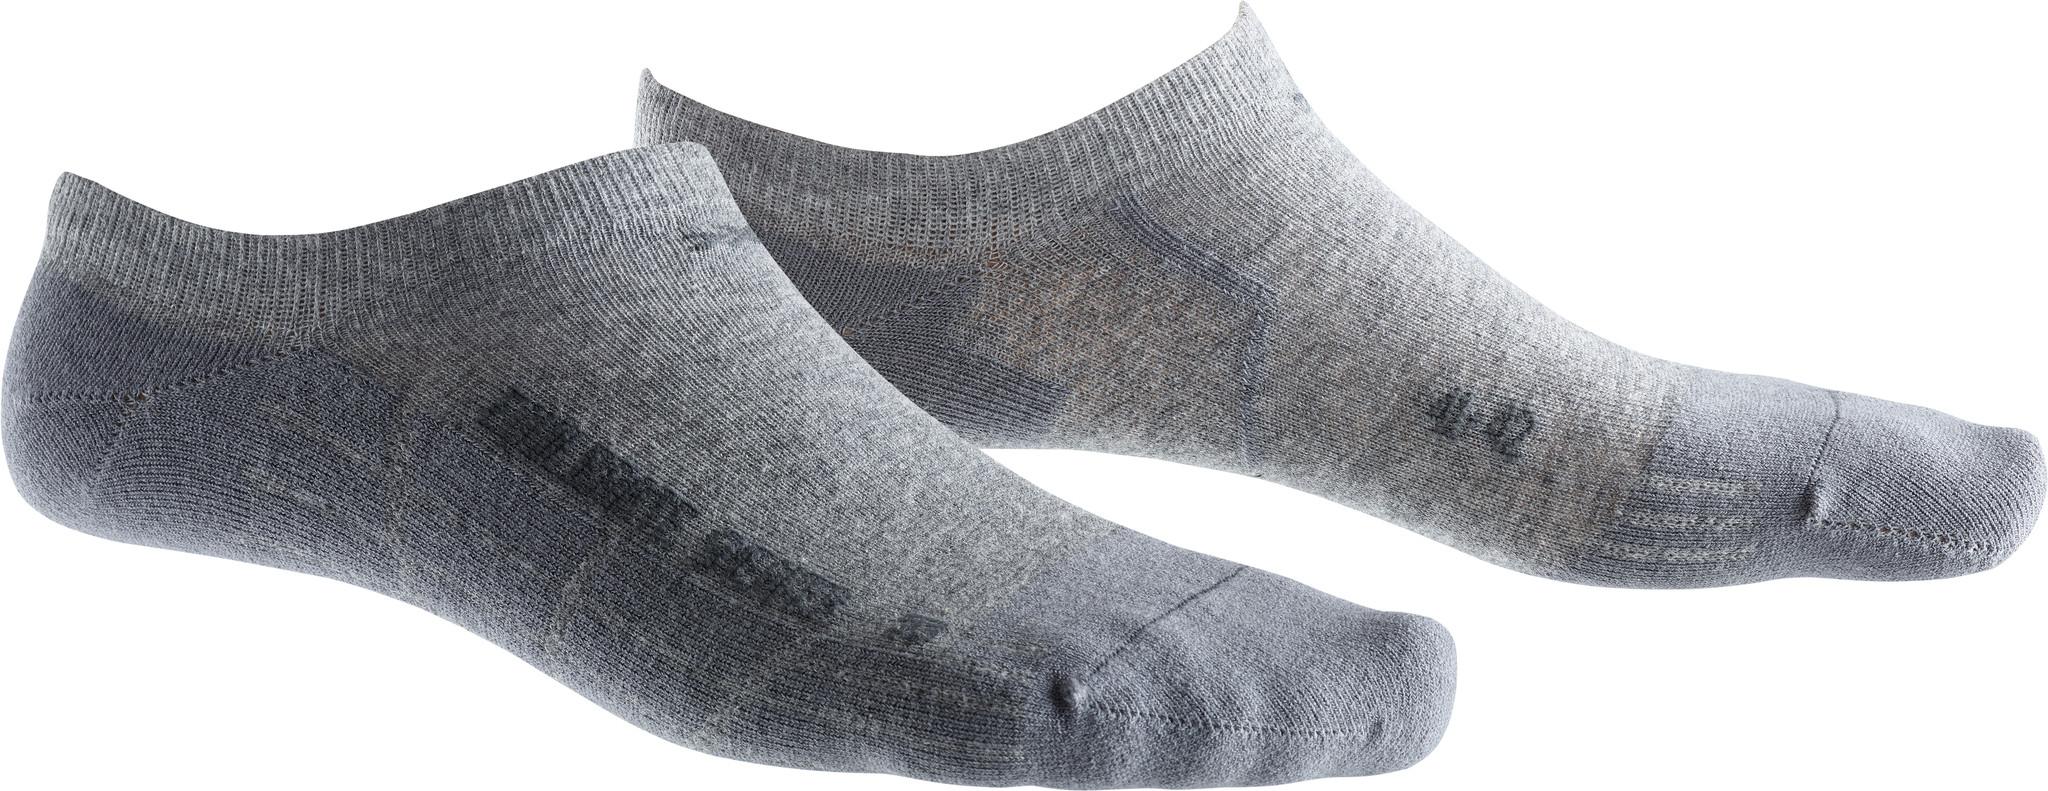 X-SOCKS Socken, Strümpfe Sneaker Equilibrate Hellgrau unisex von Gr. 39 - 46 S17-XS1